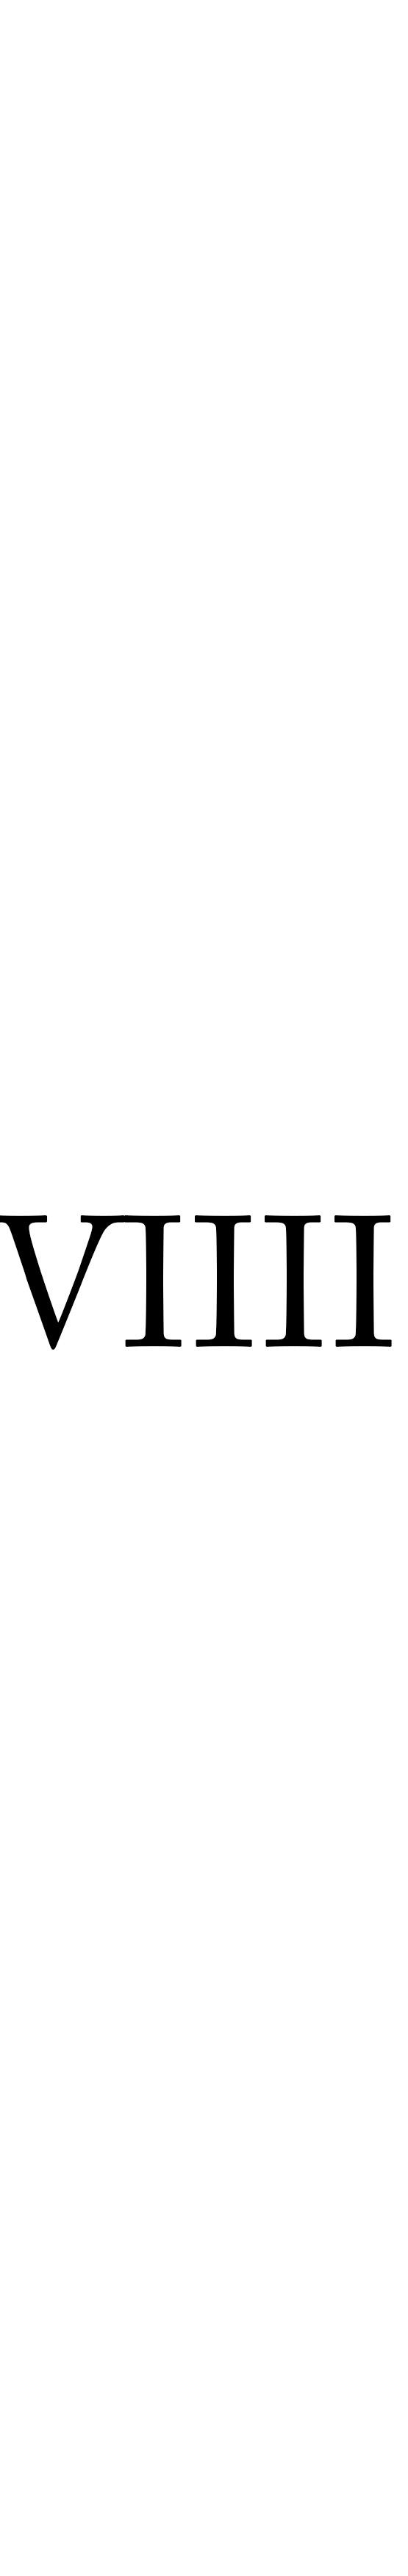 VIIII.jpg